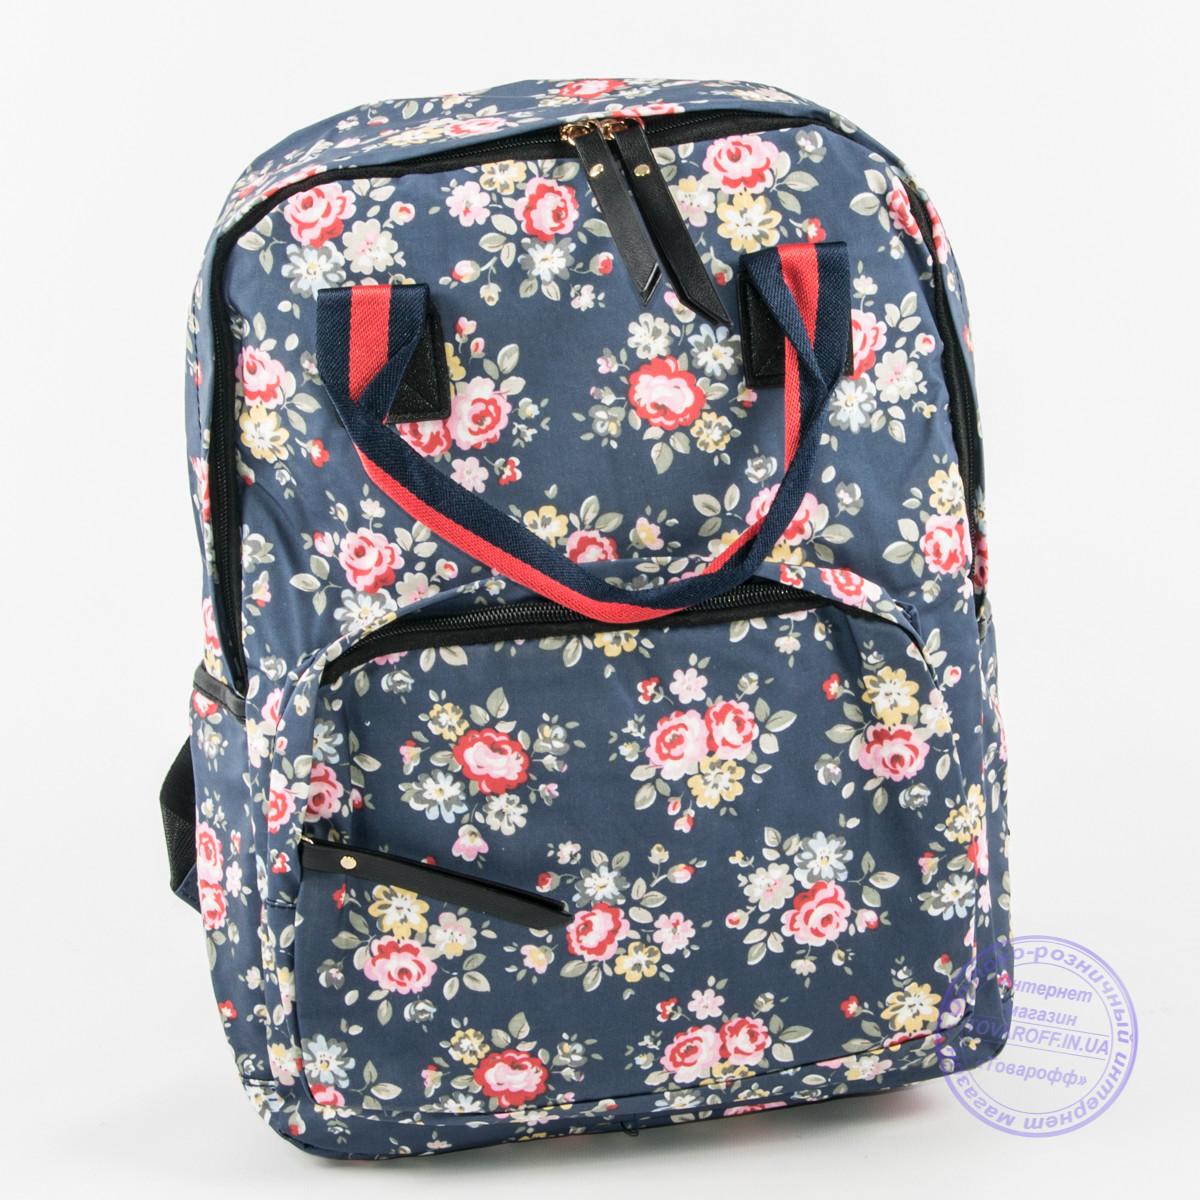 71f988be0710 Сумка-рюкзак для школы и прогулок цветочный - синий - 9015: заказ ...